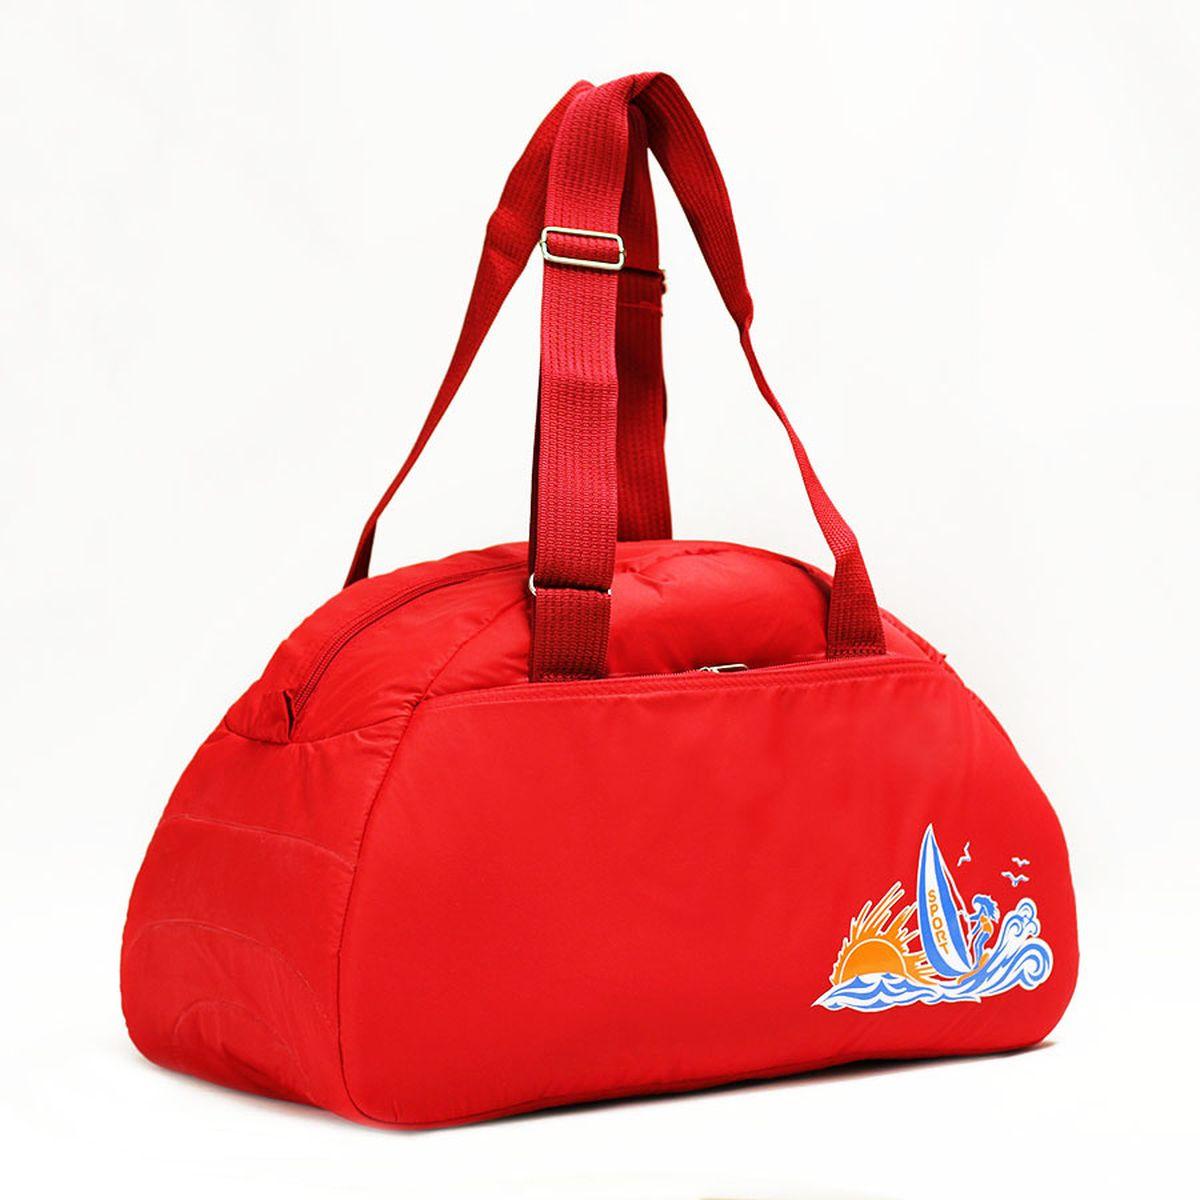 Сумка спортивная Polar, цвет: красный, 28 л. 60206020_красныйСпортивная сумка имеет одно большое отделение, внутри которого один карман на молнии. Снаружи один большой карман на молнии. Длина ручек регулируется по необходимой длине, что позволяет носить сумку как в руках, так и на плече. \Максимальная высота ручек- 35 см. Съемного плечевого ремня нет.